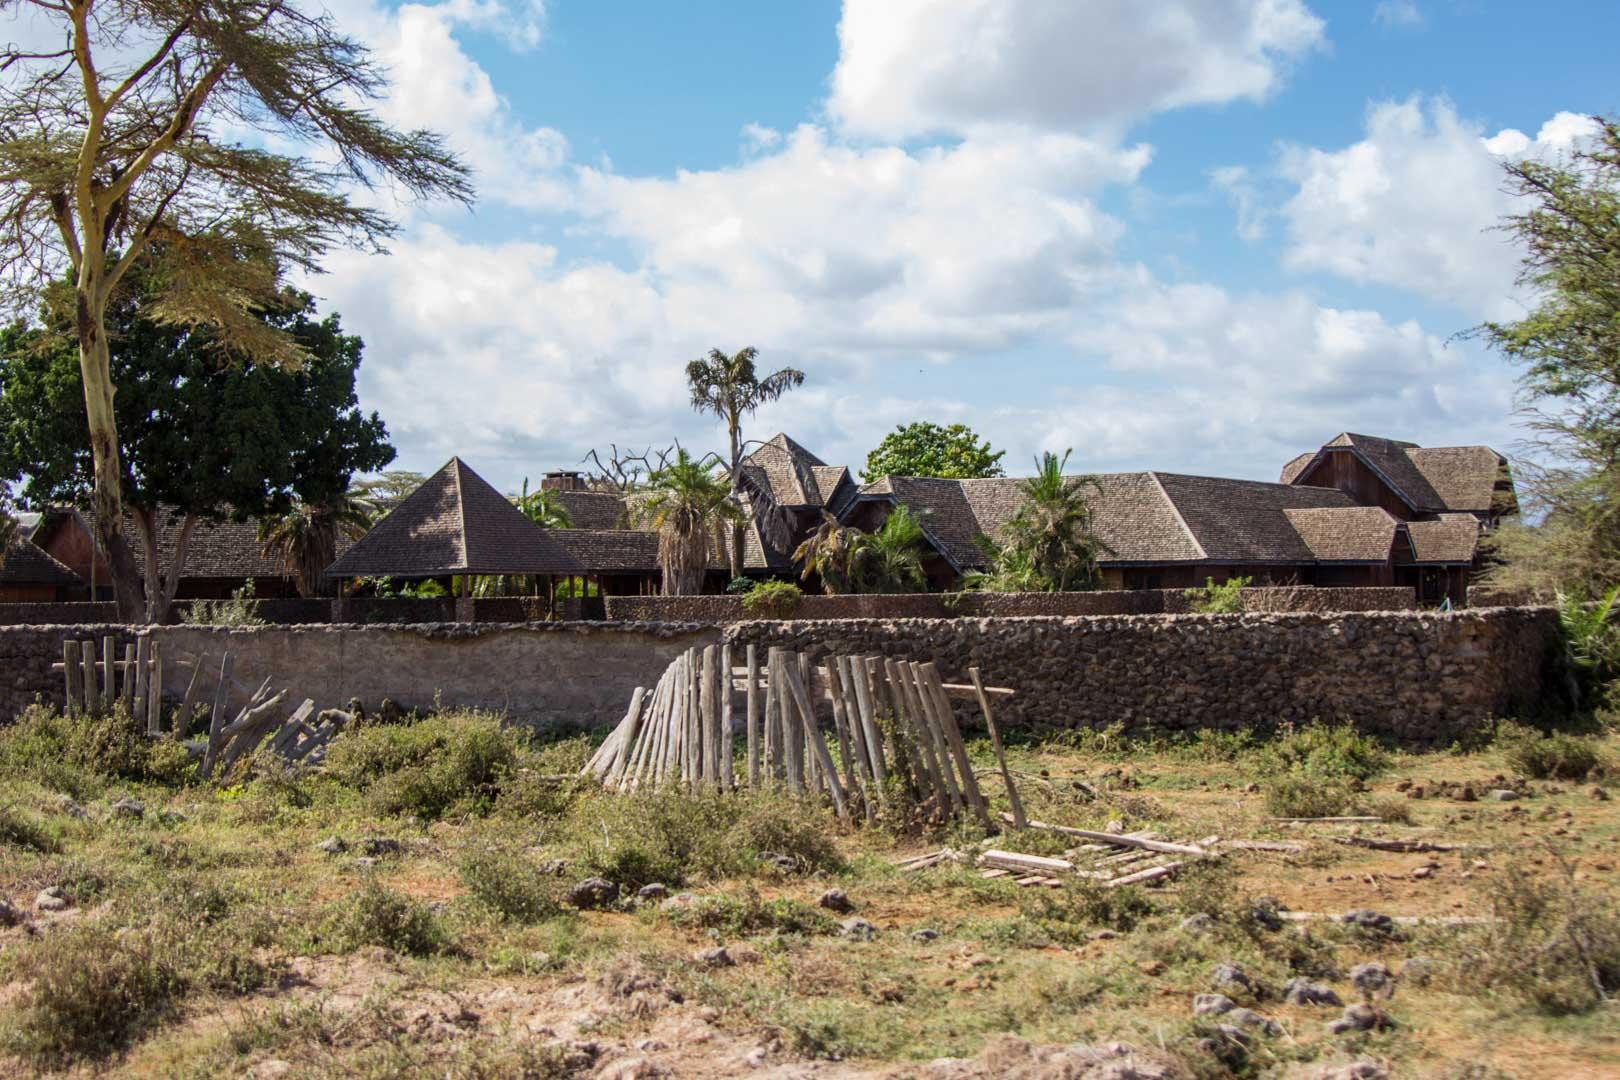 Hotel abandonado en Amboseli, Kenia